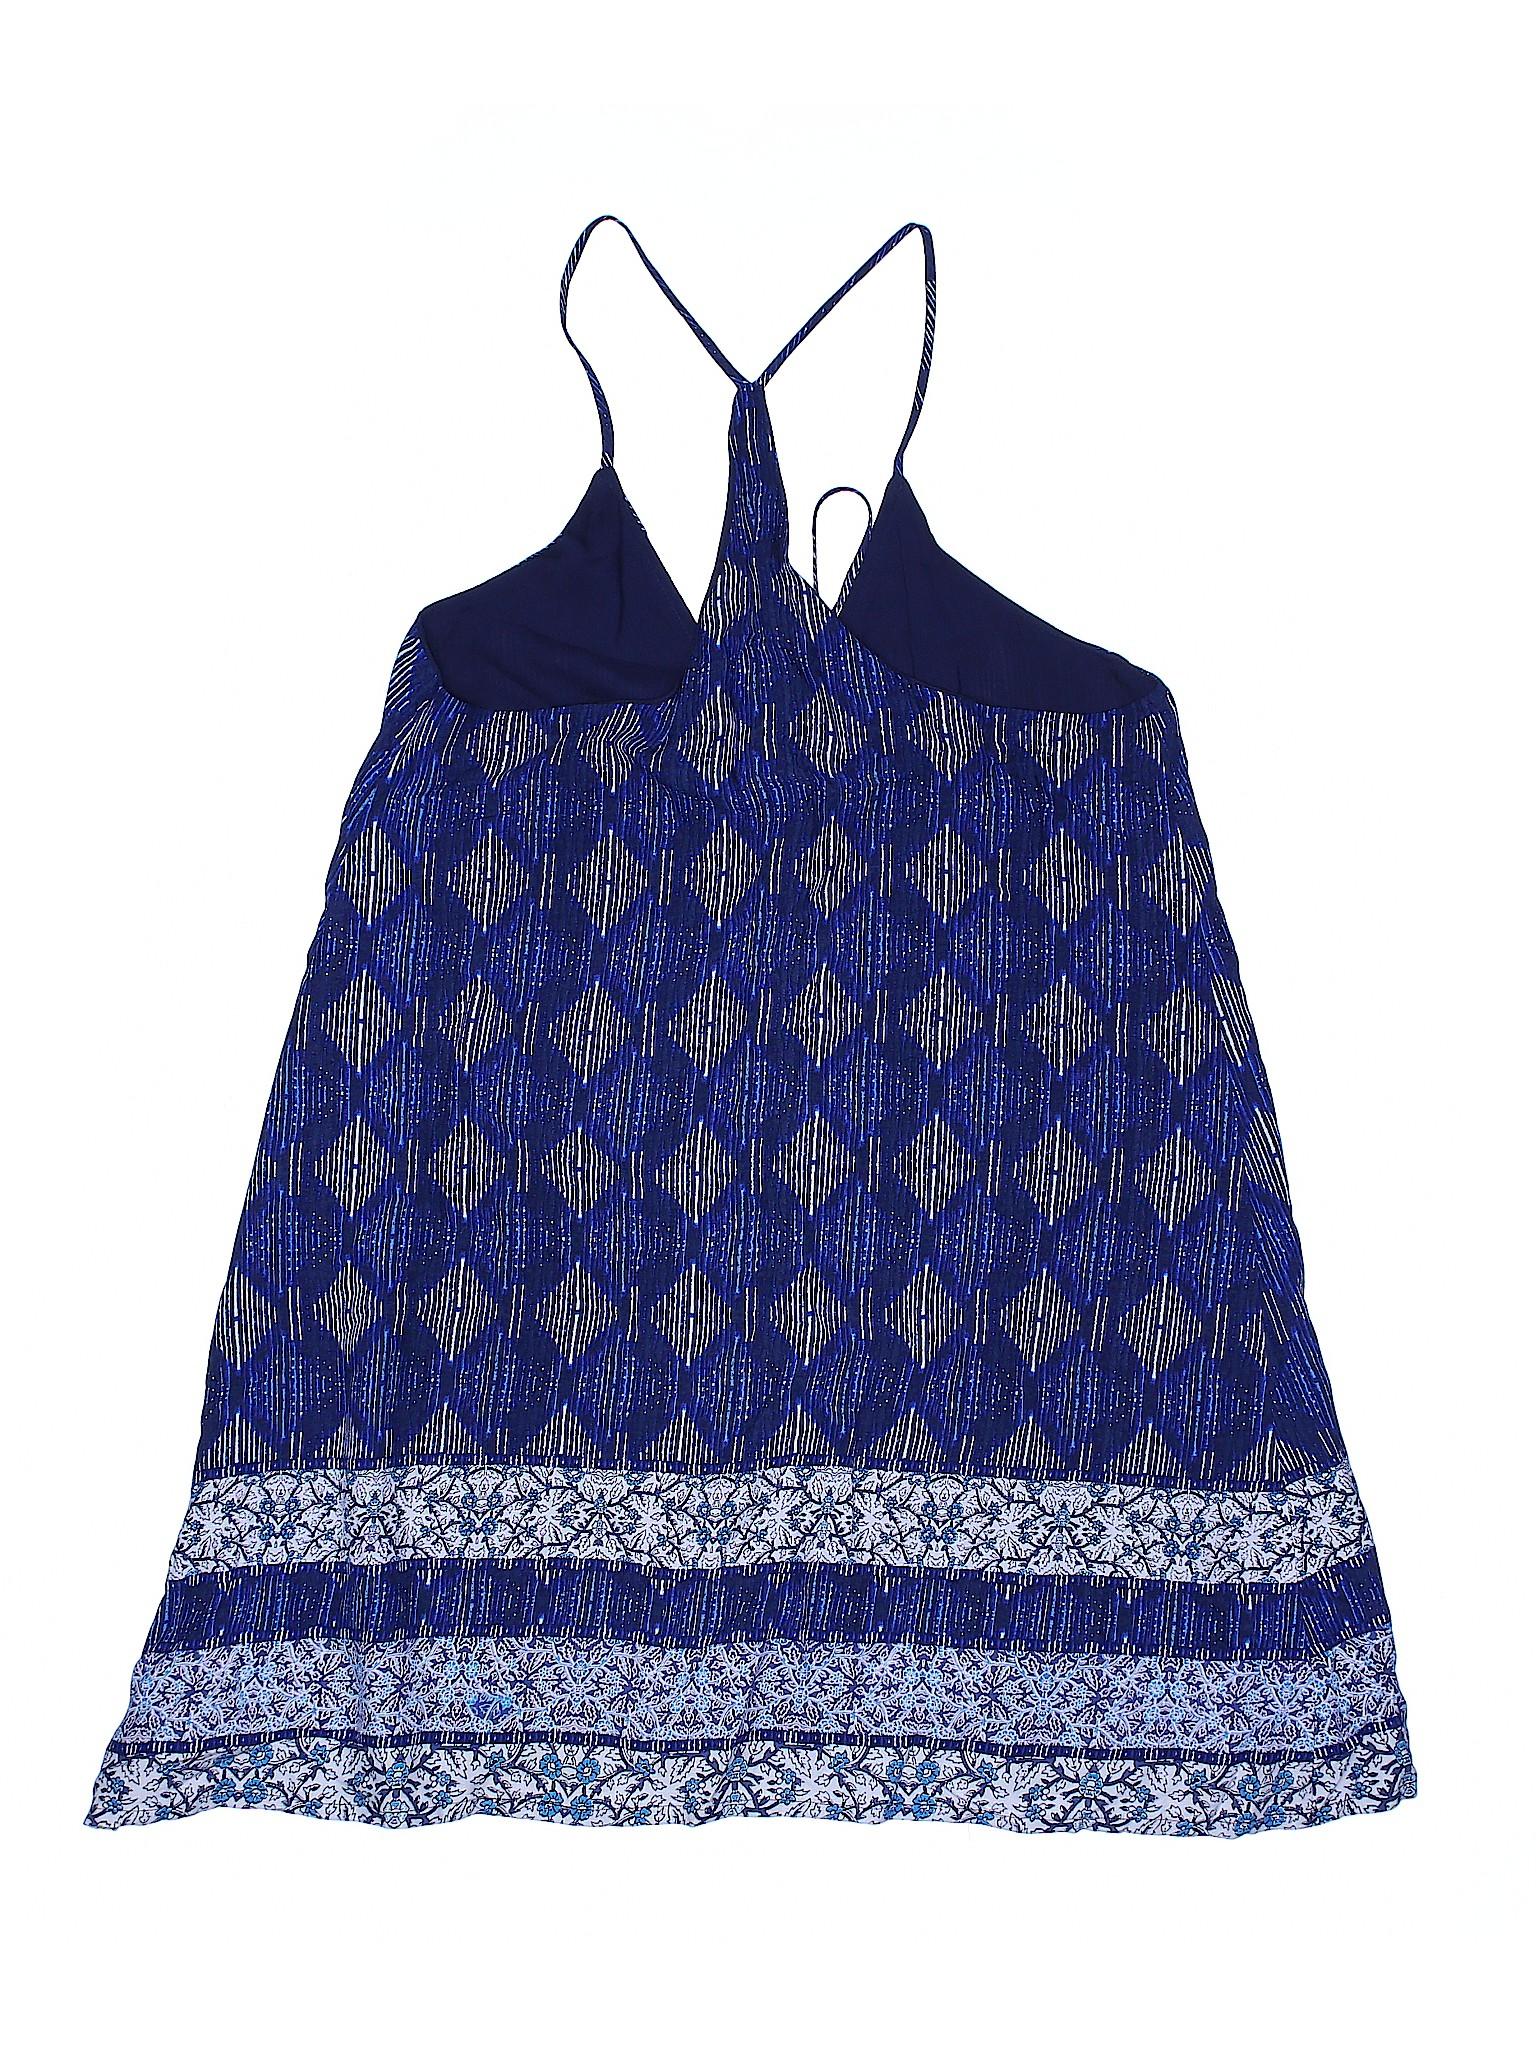 winter Boutique Casual Dress Forever 21 HqqxvS6